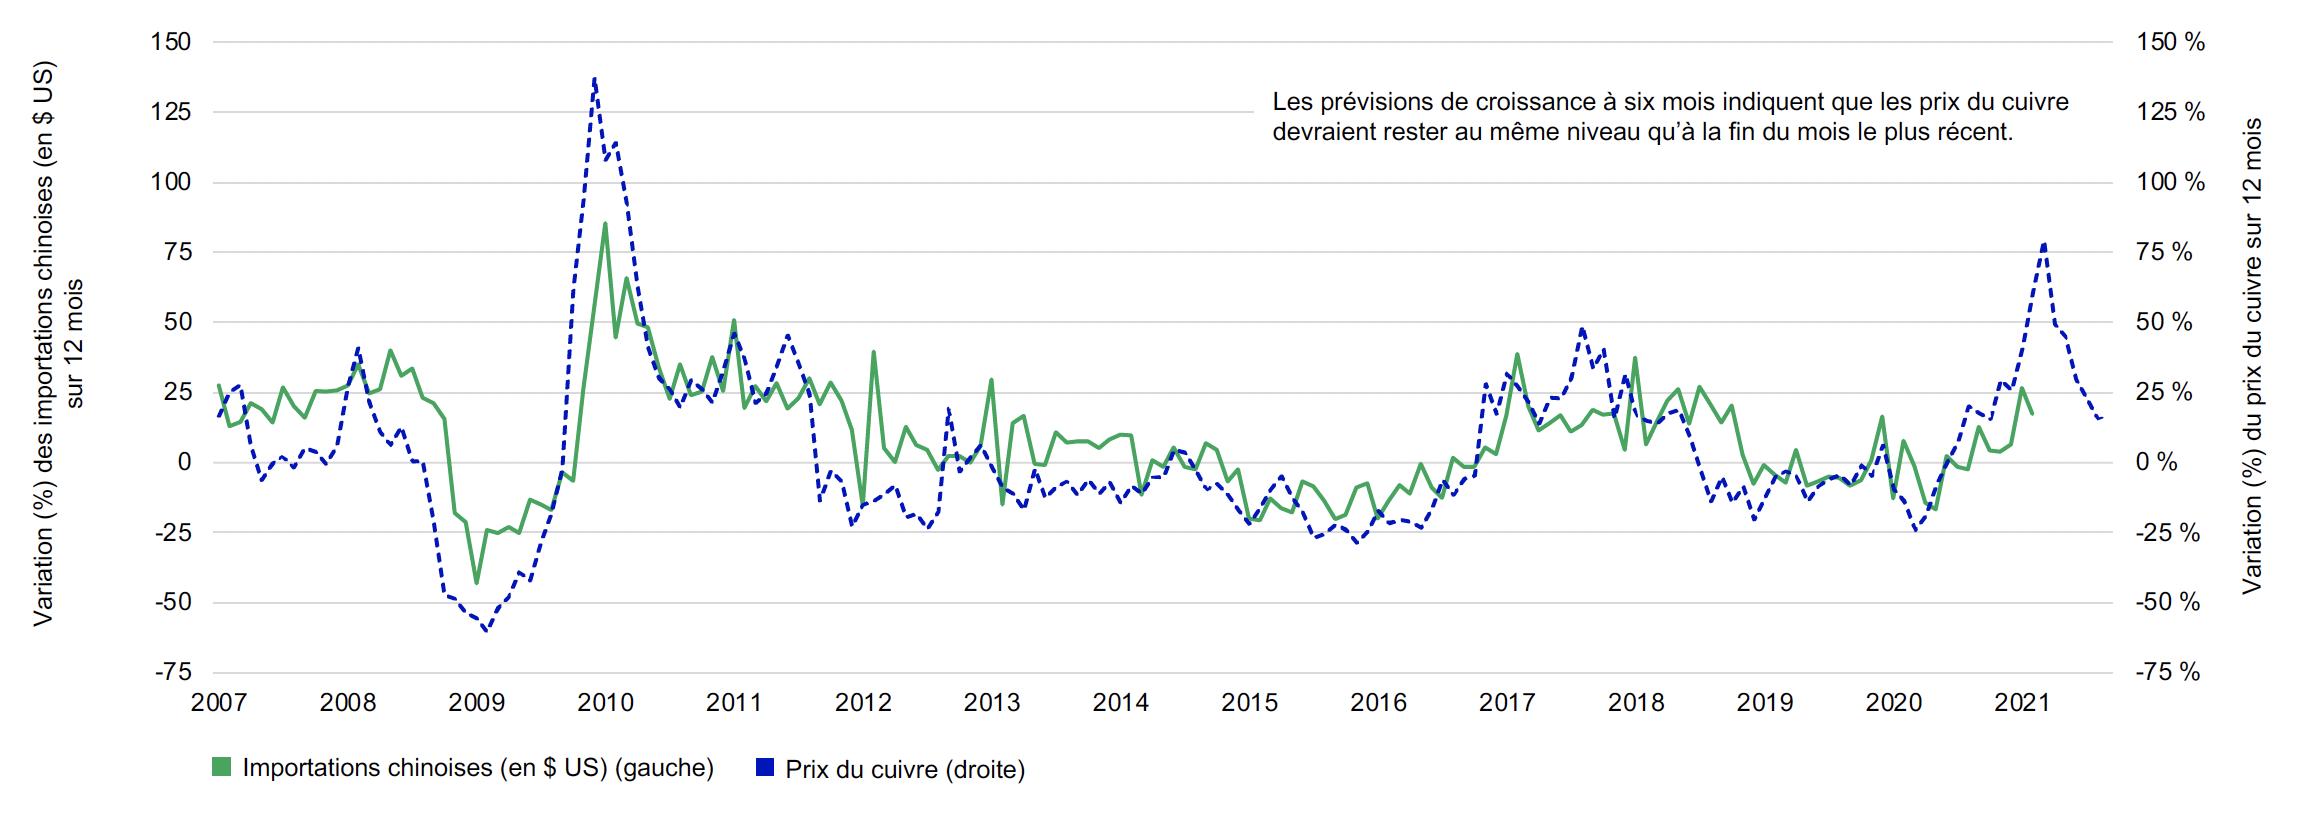 Ce graphique linéaire compare la variation en pourcentage des importations chinoises de cuivre sur 12 mois et la variation en pourcentage du prix du cuivre sur 12 mois, sur une base mensuelle, avec des prévisions à six mois. Nous constatons que les importations et le prix du cuivre évoluent dans la même direction. La tendance positive depuis 2020, et les prévisions indiquent que cette tendance continuera de s'accentuer.